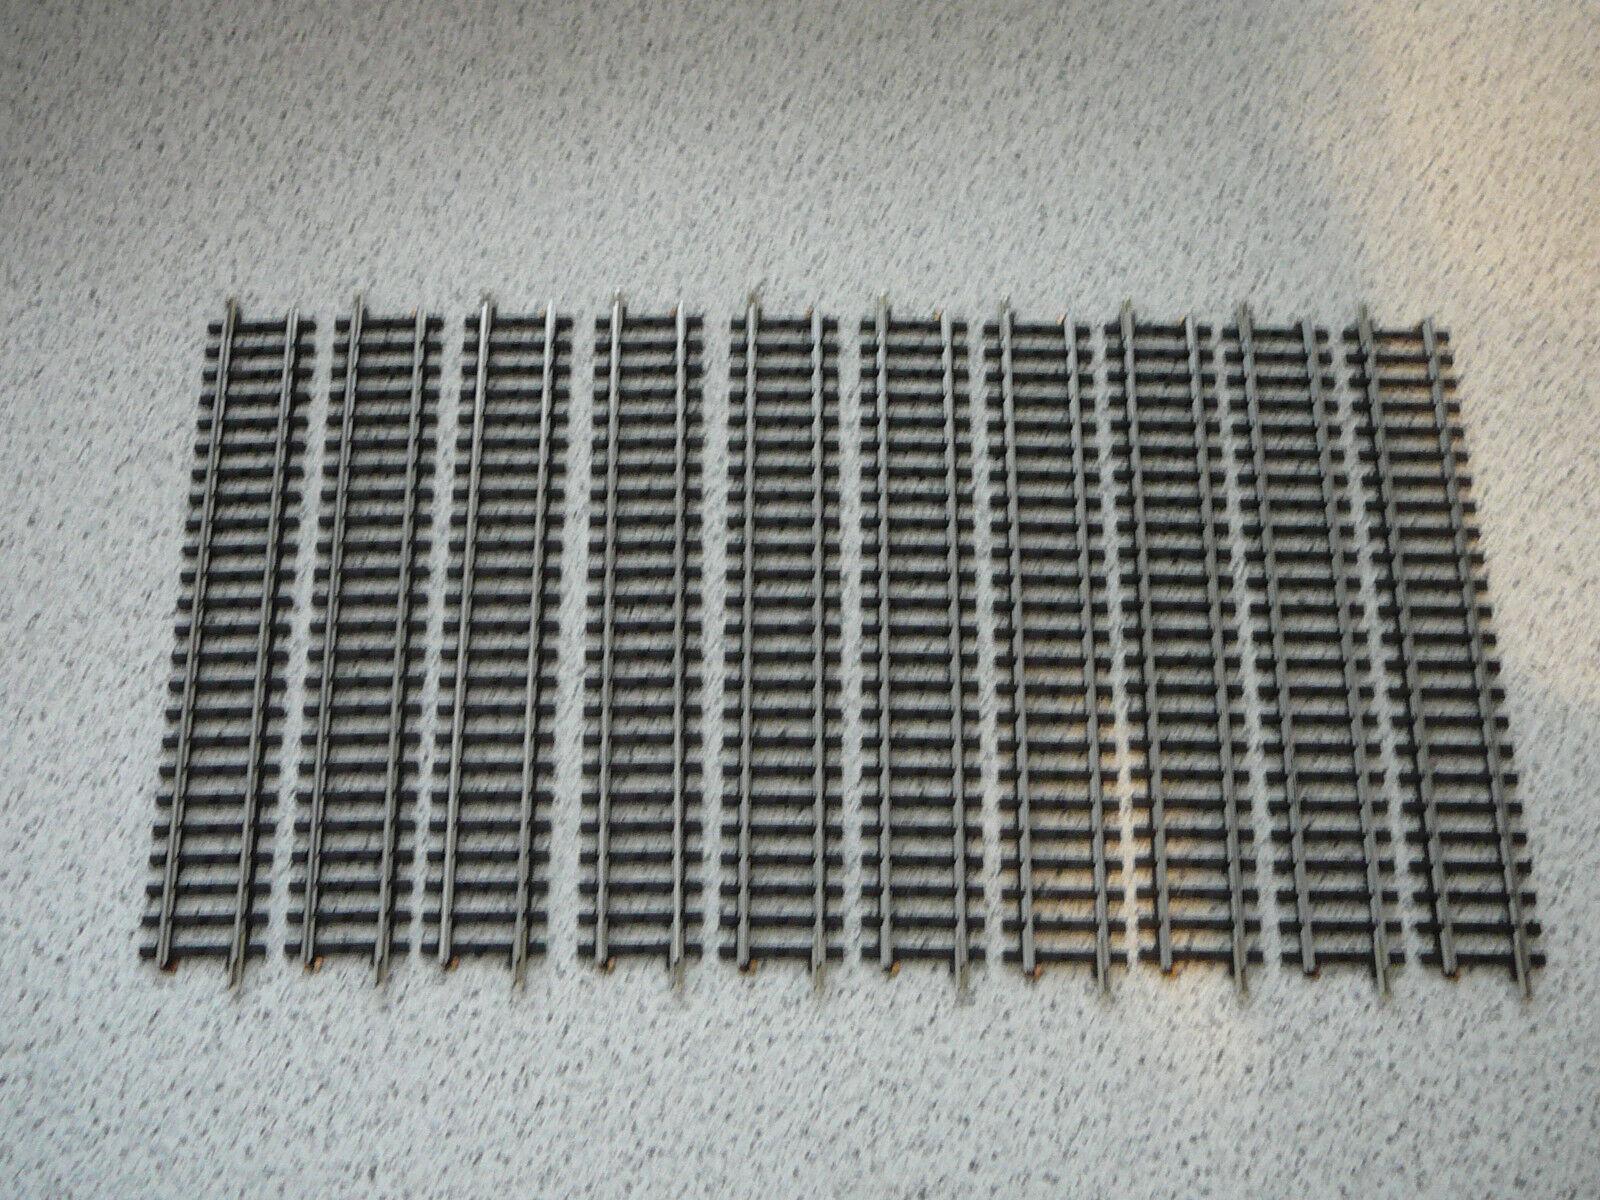 Märklin K-Gleise Gerade  2200,2201,2202,2203,2204,2206,2207,2208,2293